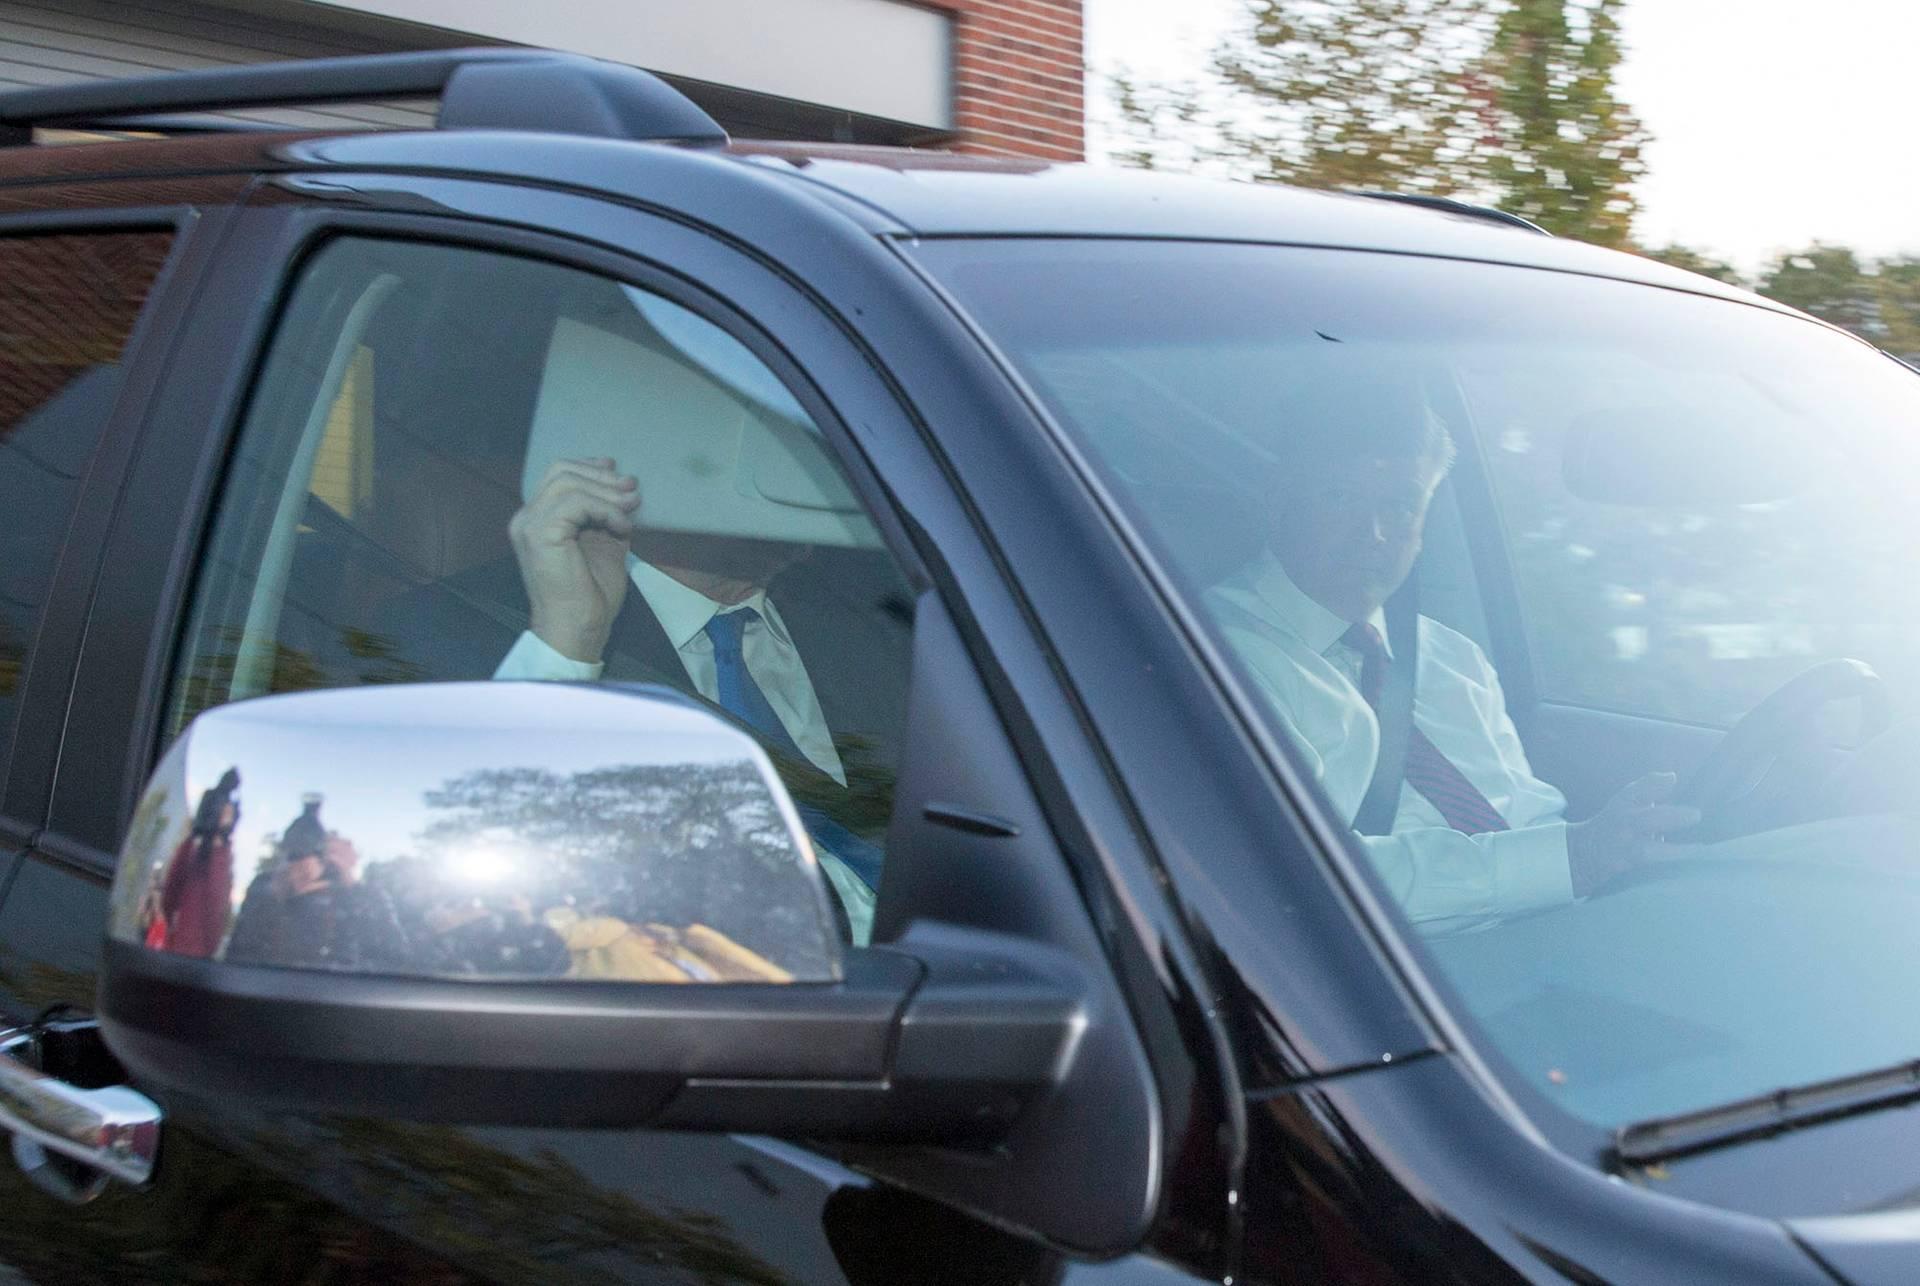 Пол Манафорт (ліворуч) ховає обличчя від фотокамер, коли виїздить з гаража власного будинку в Олександрії, штат Вірджинія, США, 30 жовтня 2017 року